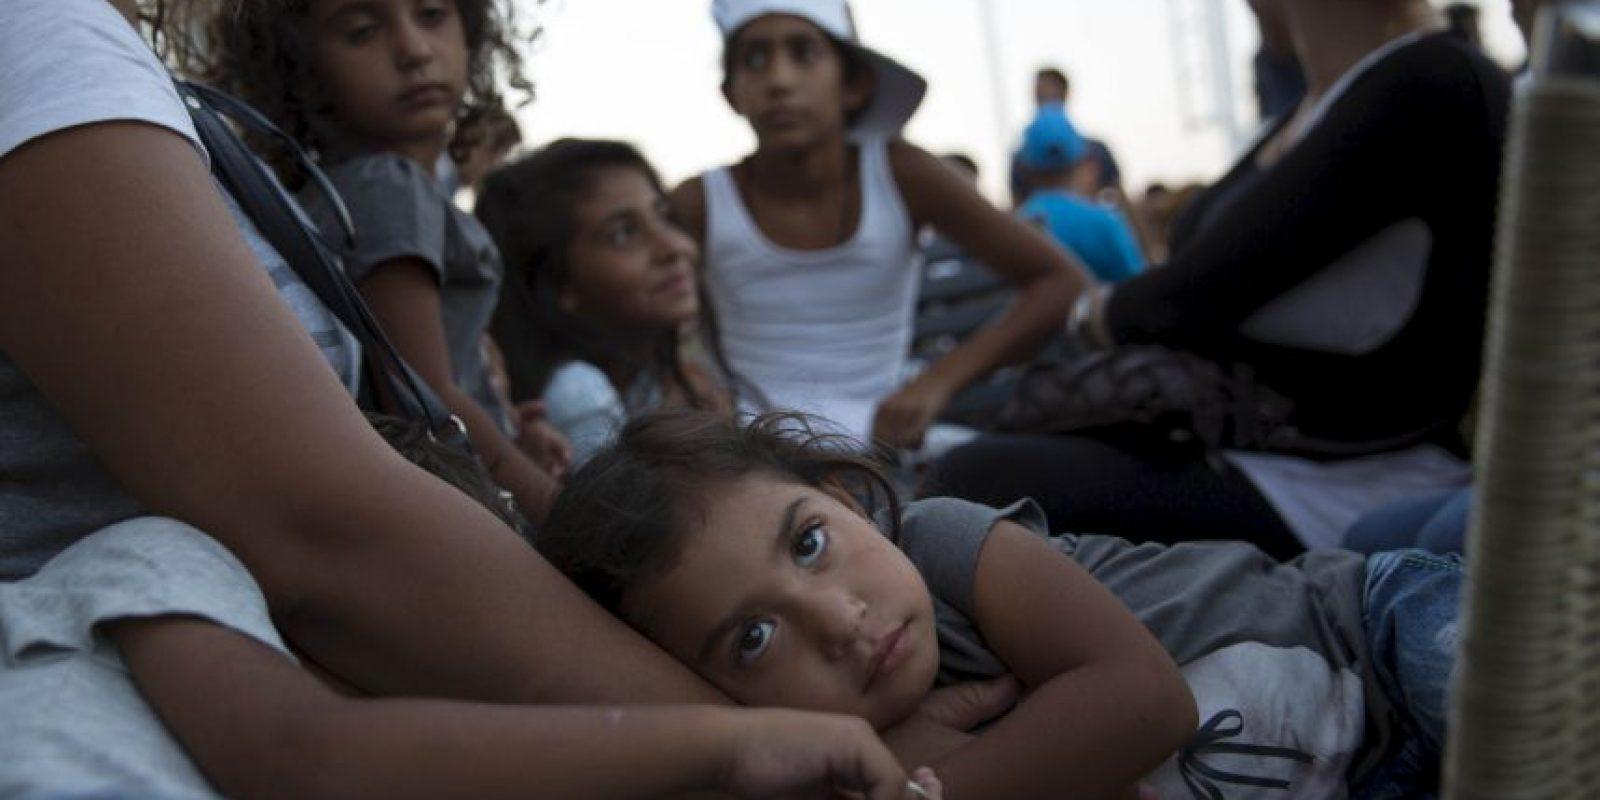 ¿Qué sucede en Europa con la ola de migración que viven actualmente? Foto:Getty Images